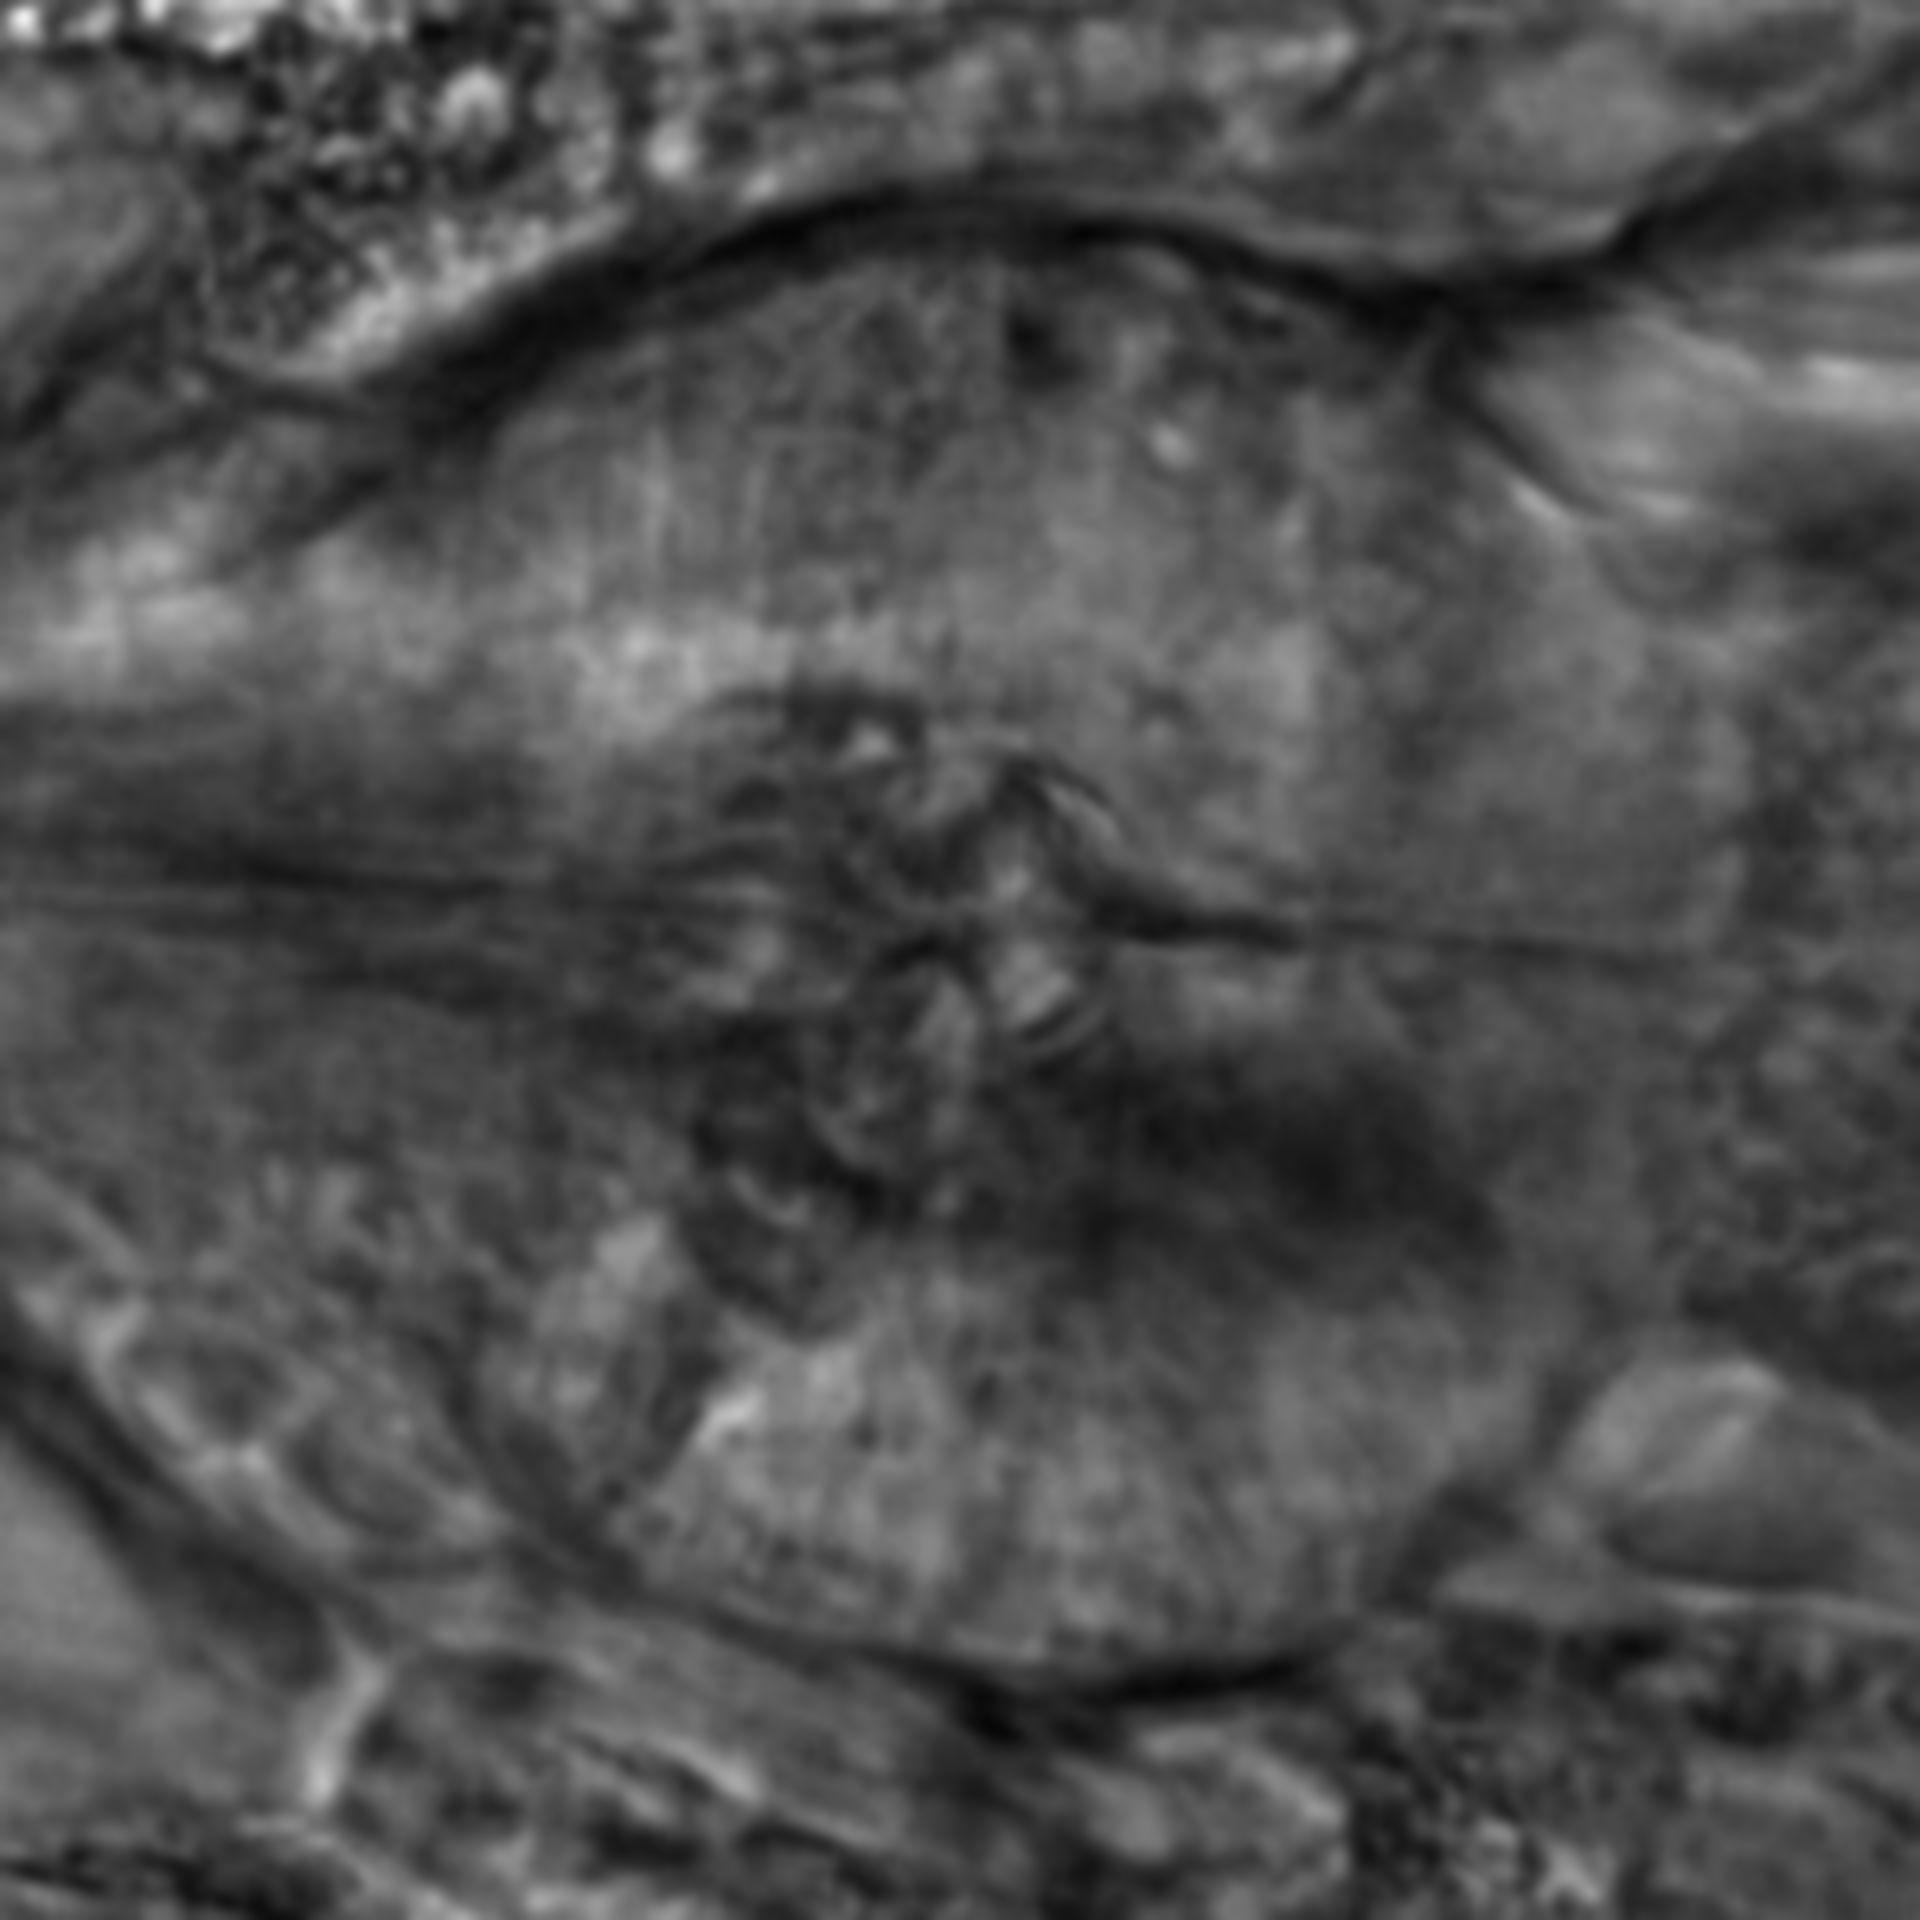 Caenorhabditis elegans - CIL:2218